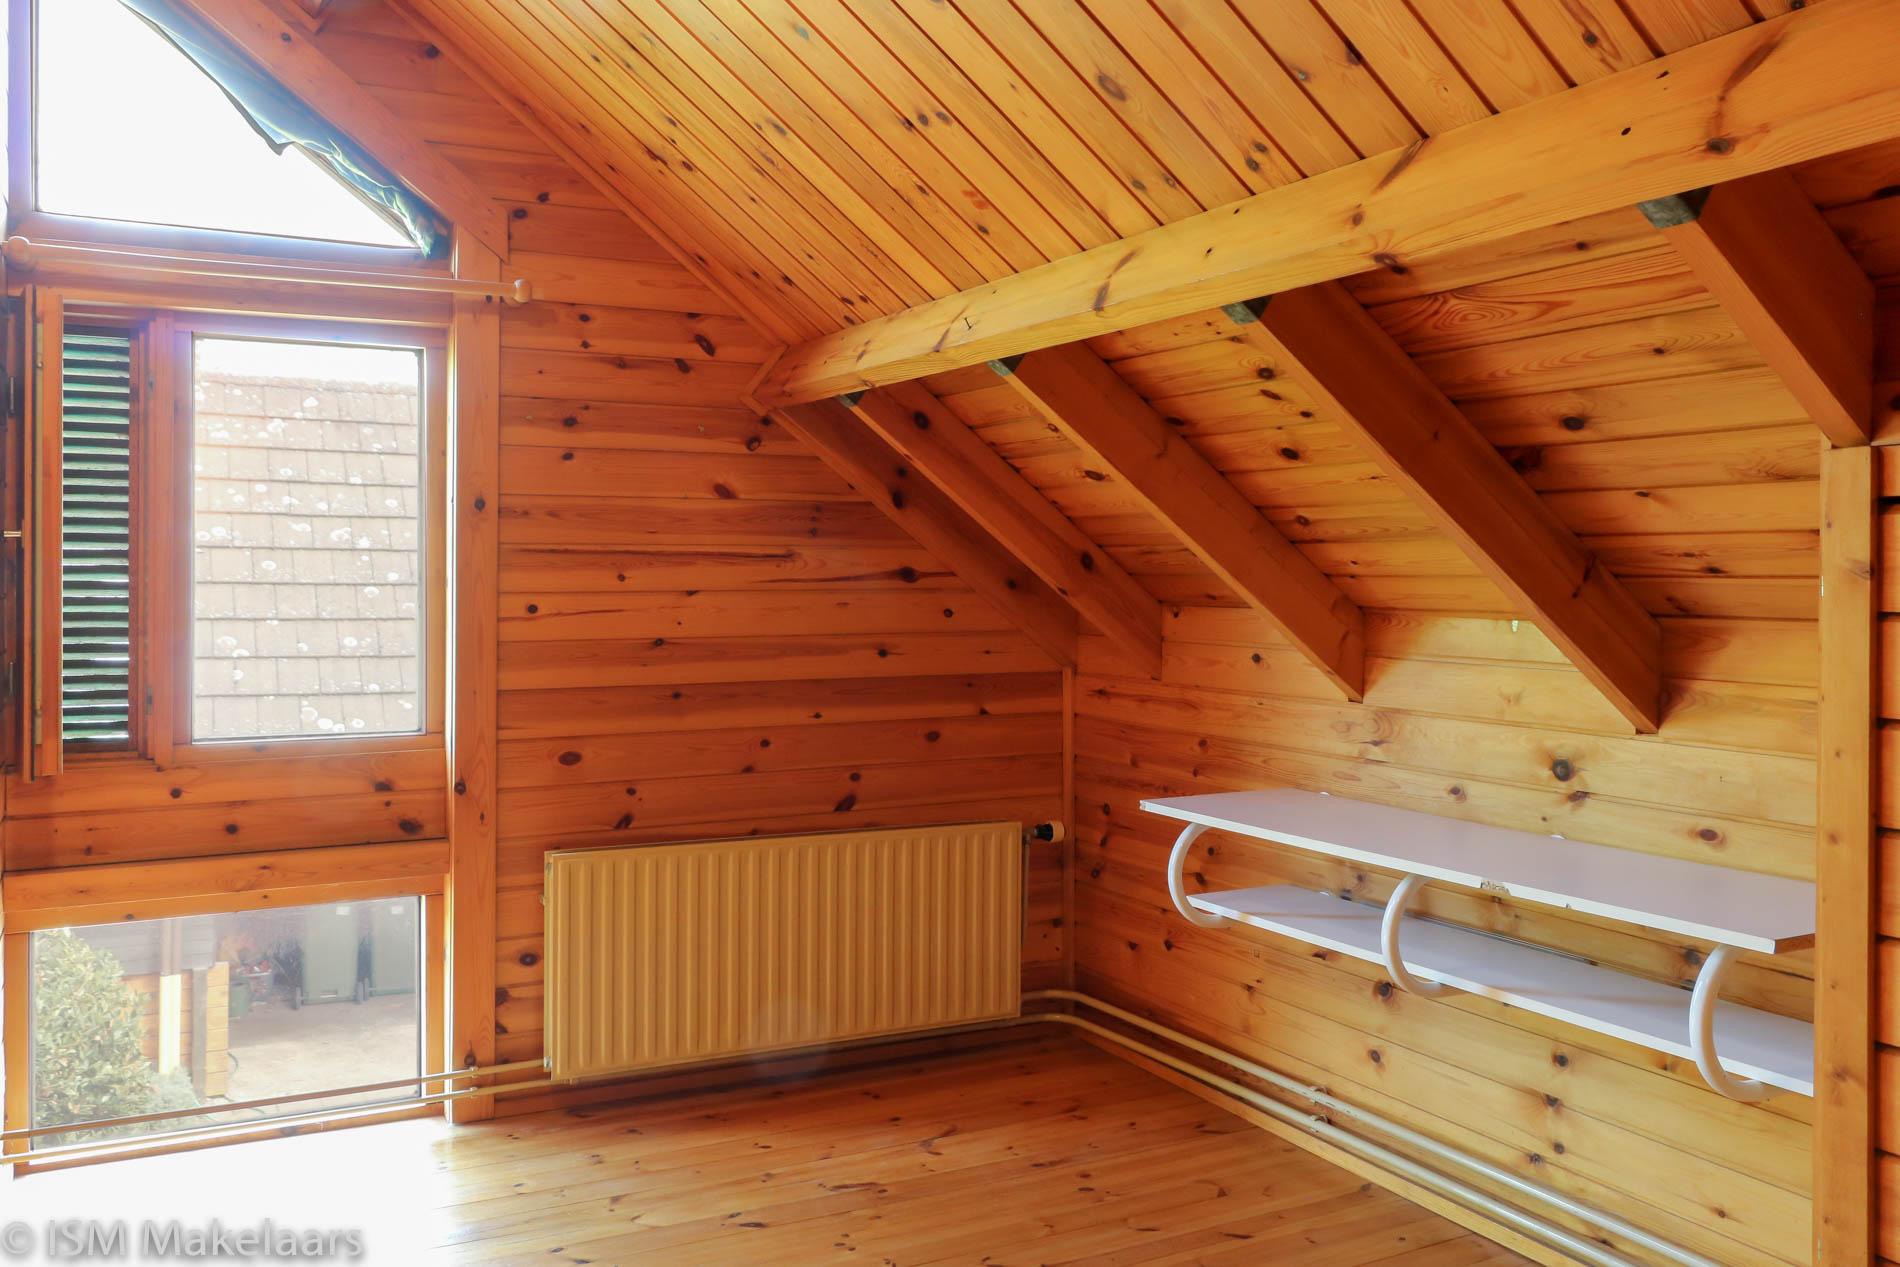 slaapkamer rechts ovezandseweg 2a oudelande ism makelaars